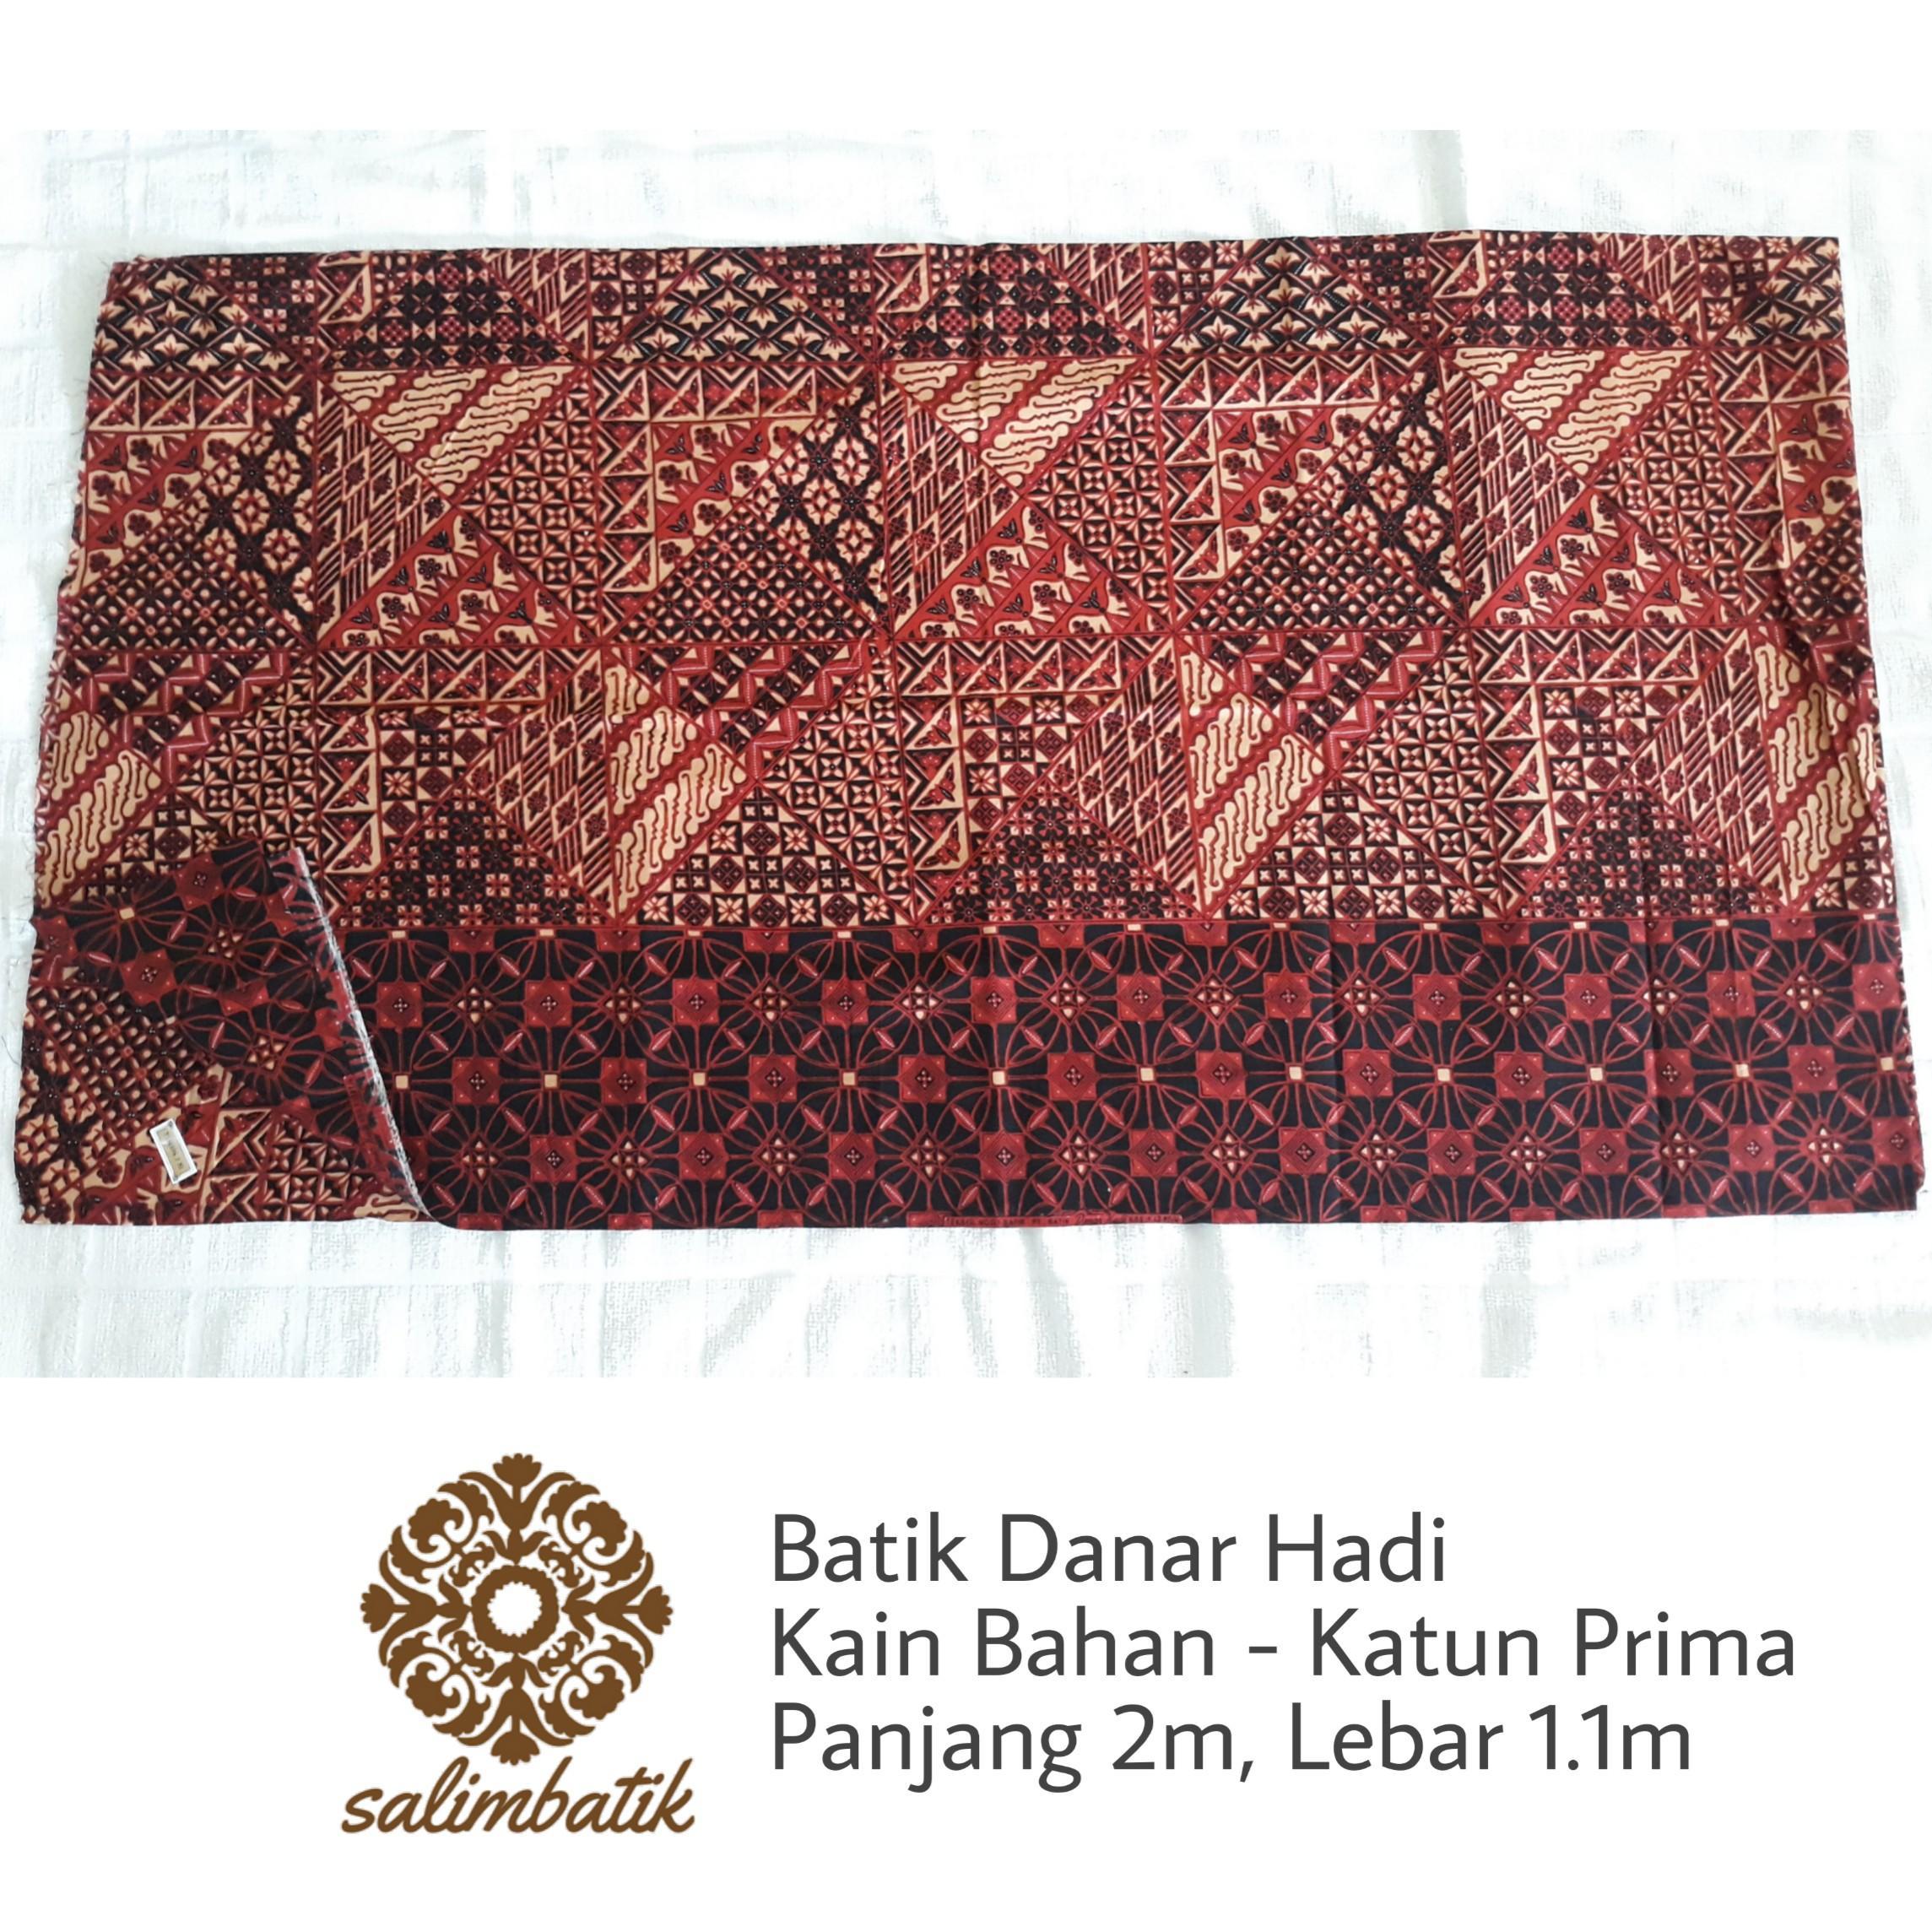 2 Meter Kain Bahan Batik Danar Hadi Solo Motif 1537